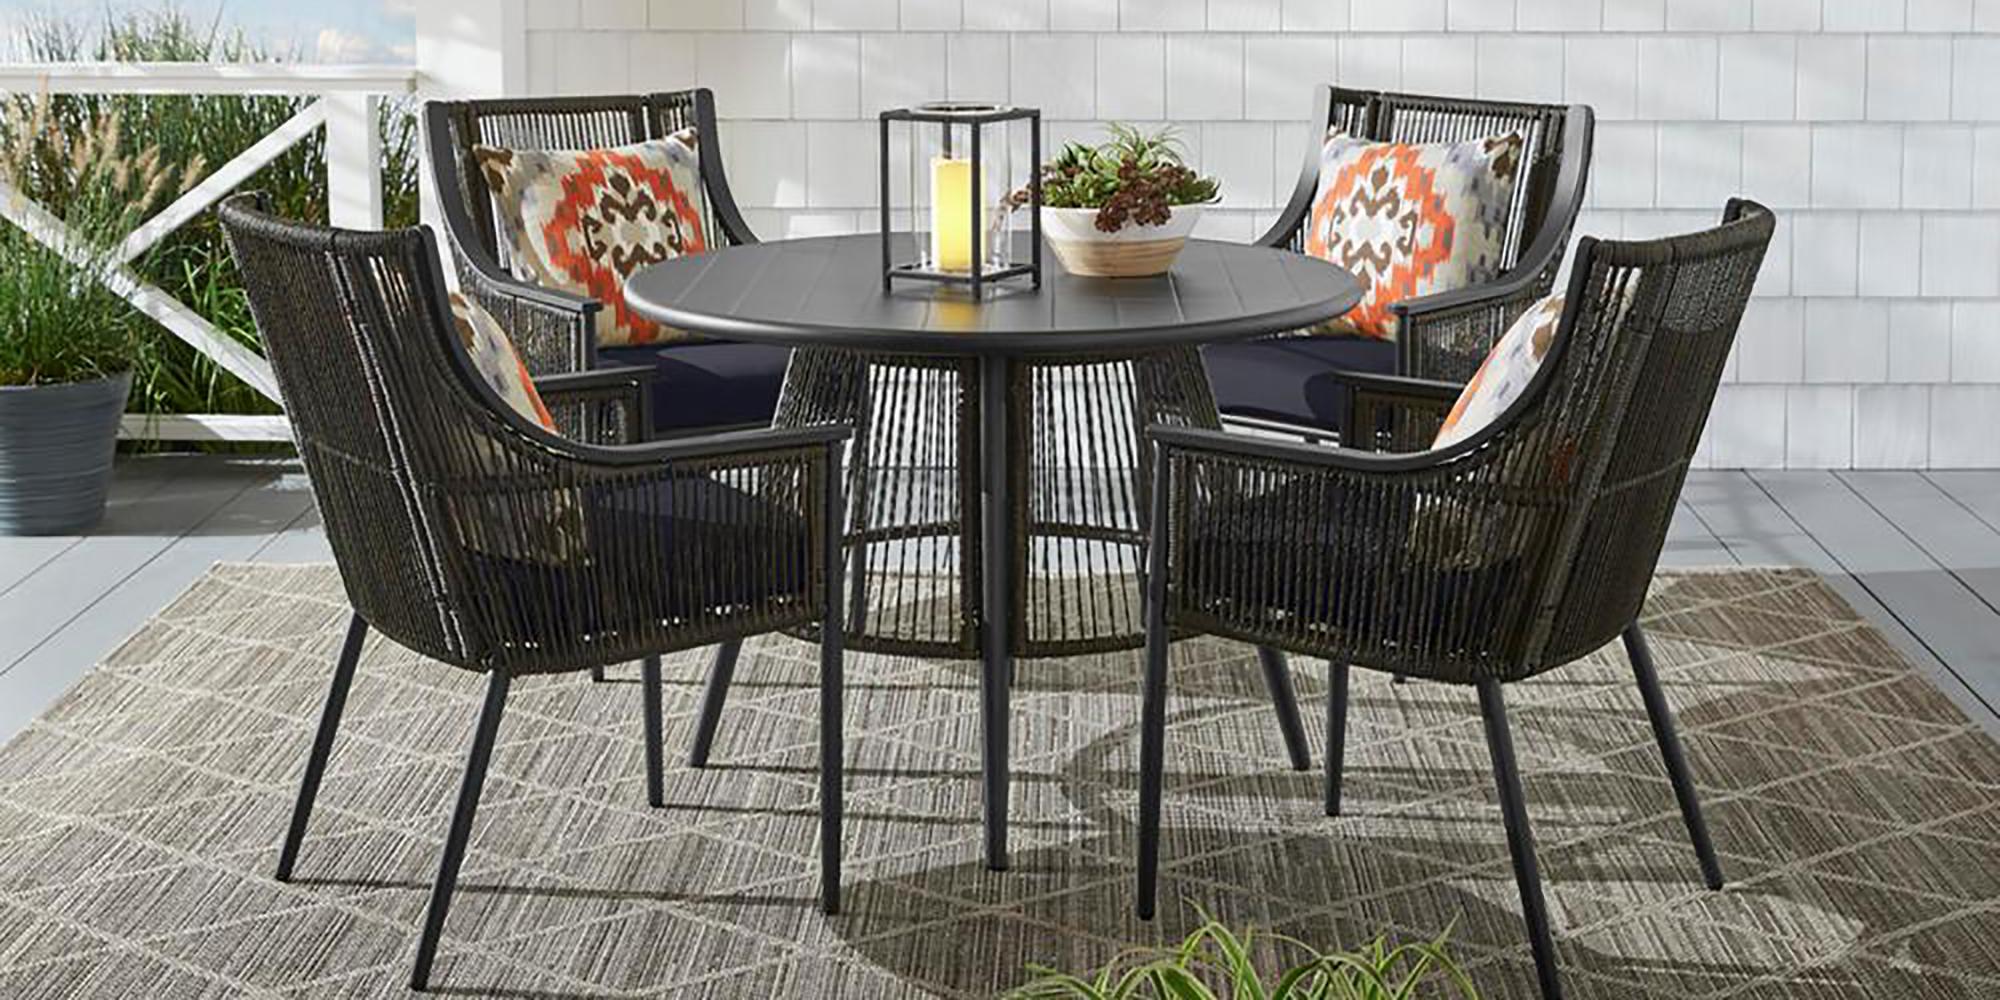 patio furniture from hampton bay